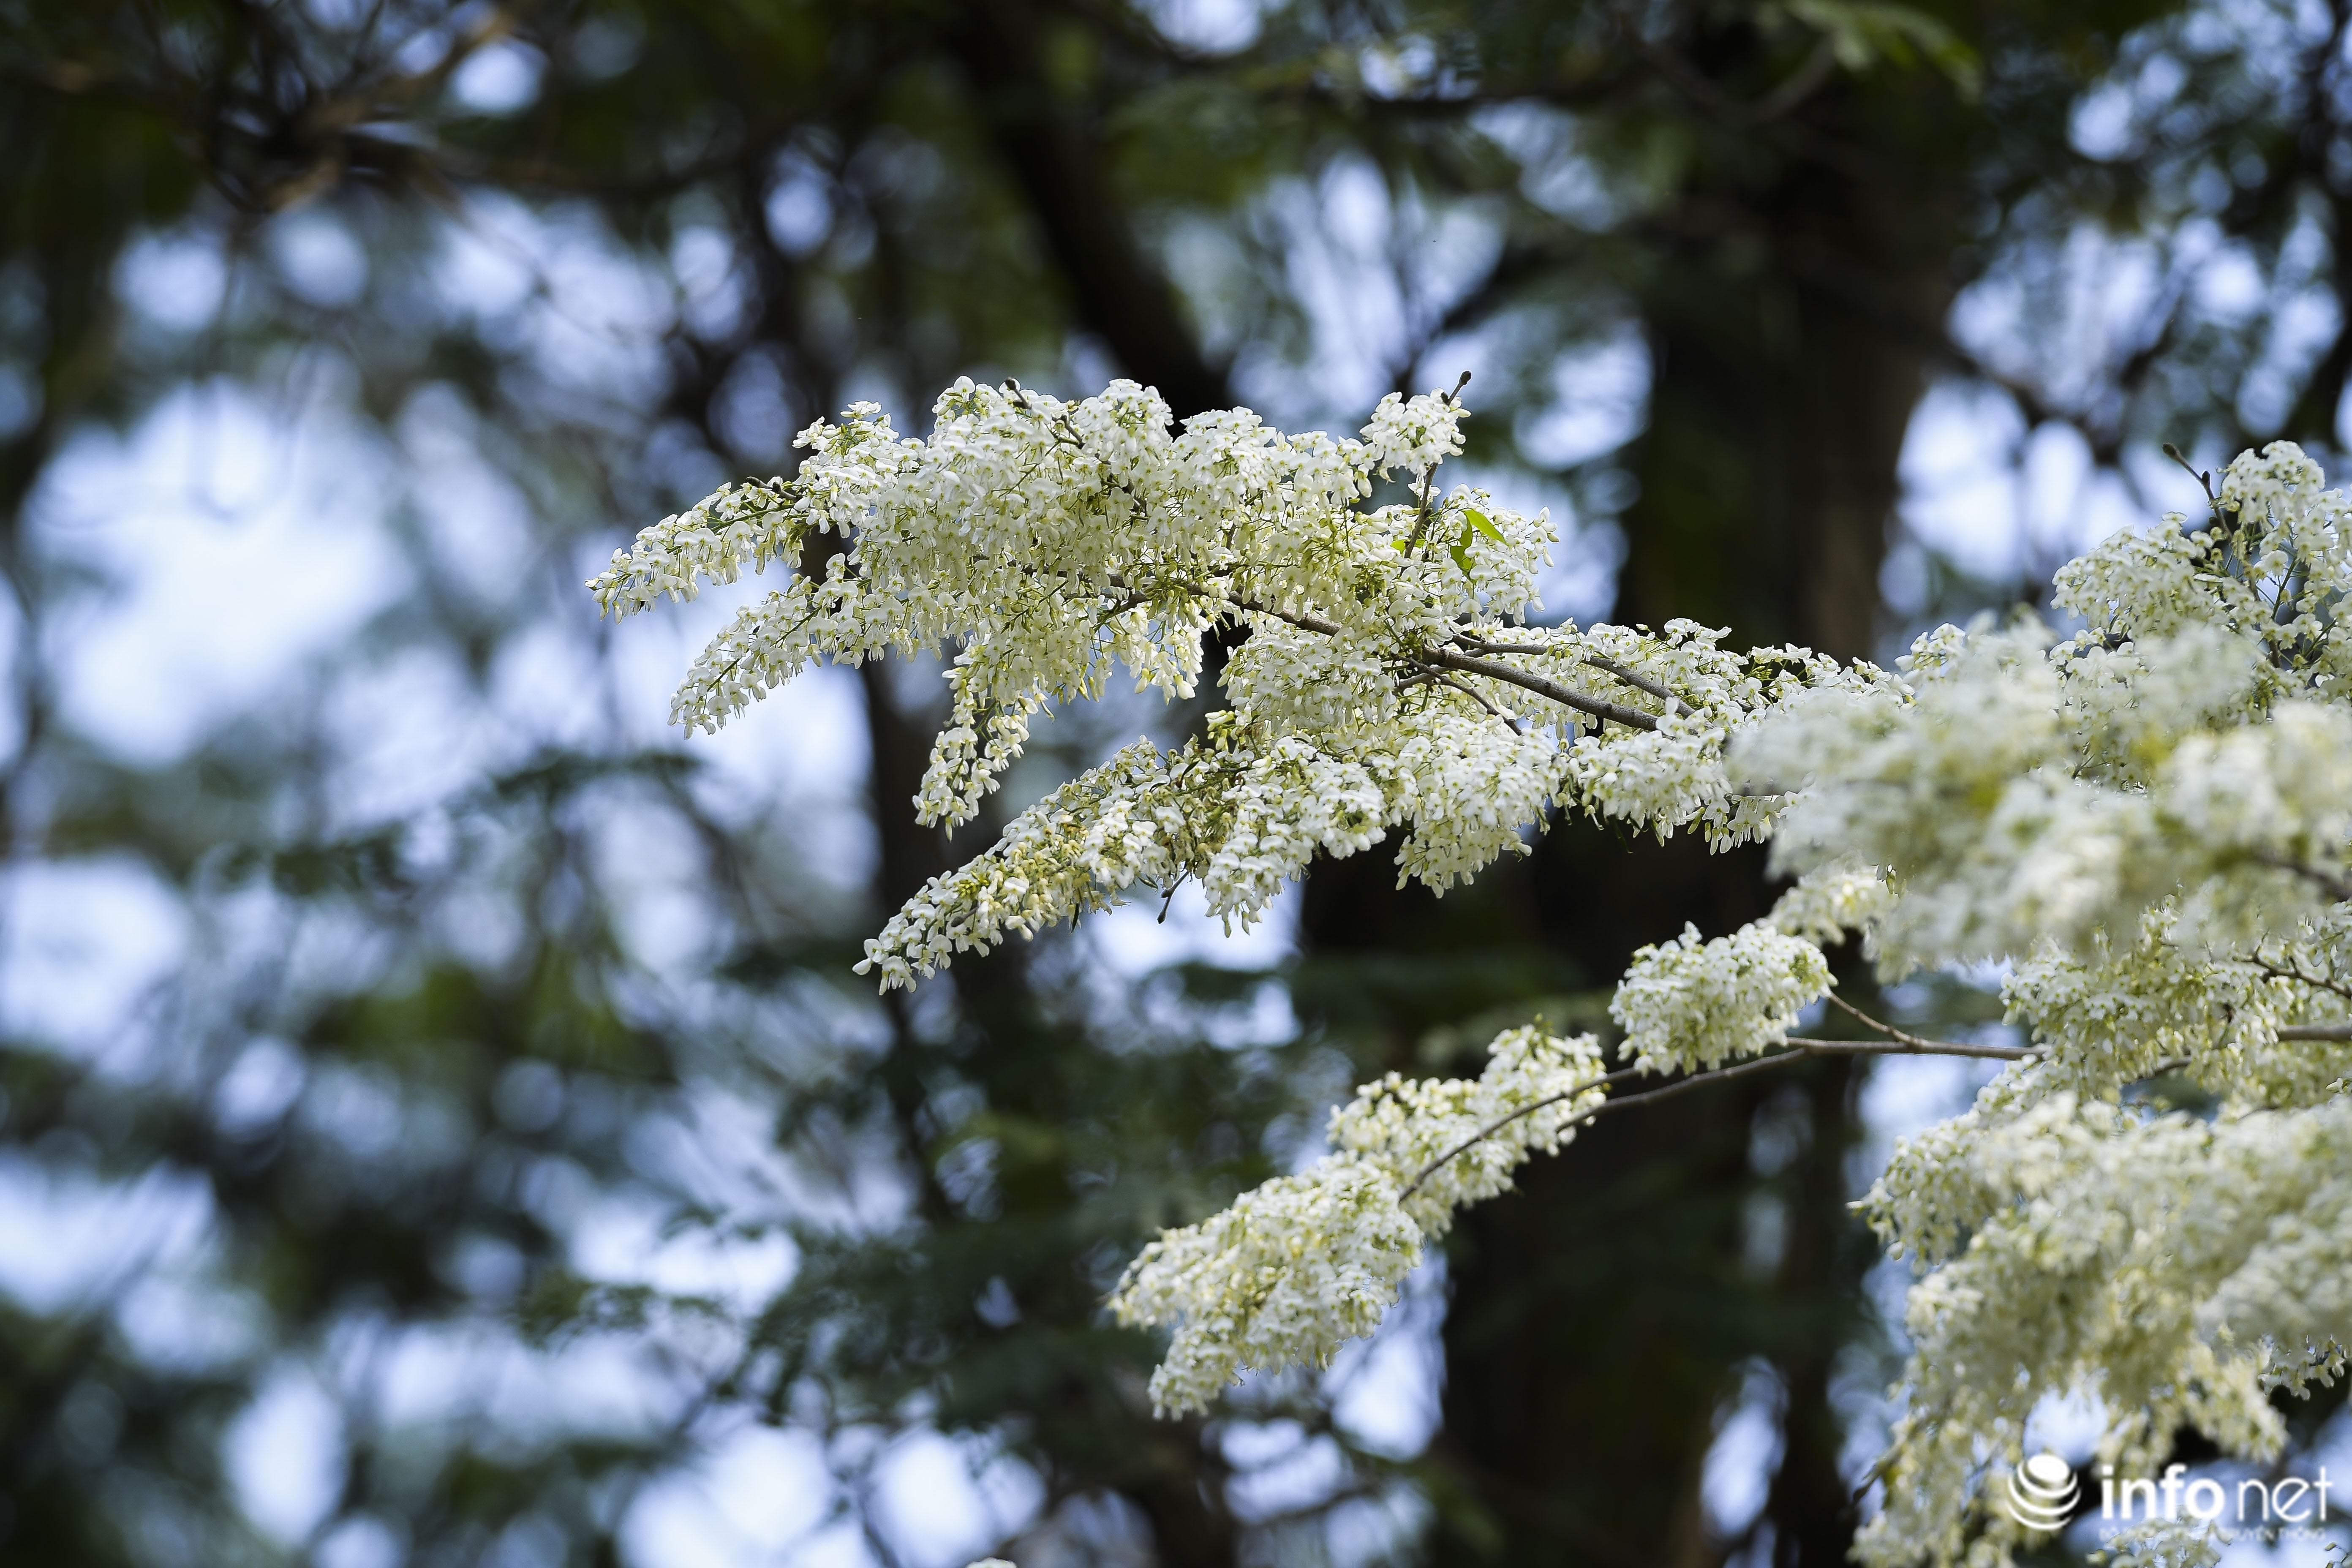 Ngắm hoa sưa nở trắng phố phường Hà Nội Ảnh 12